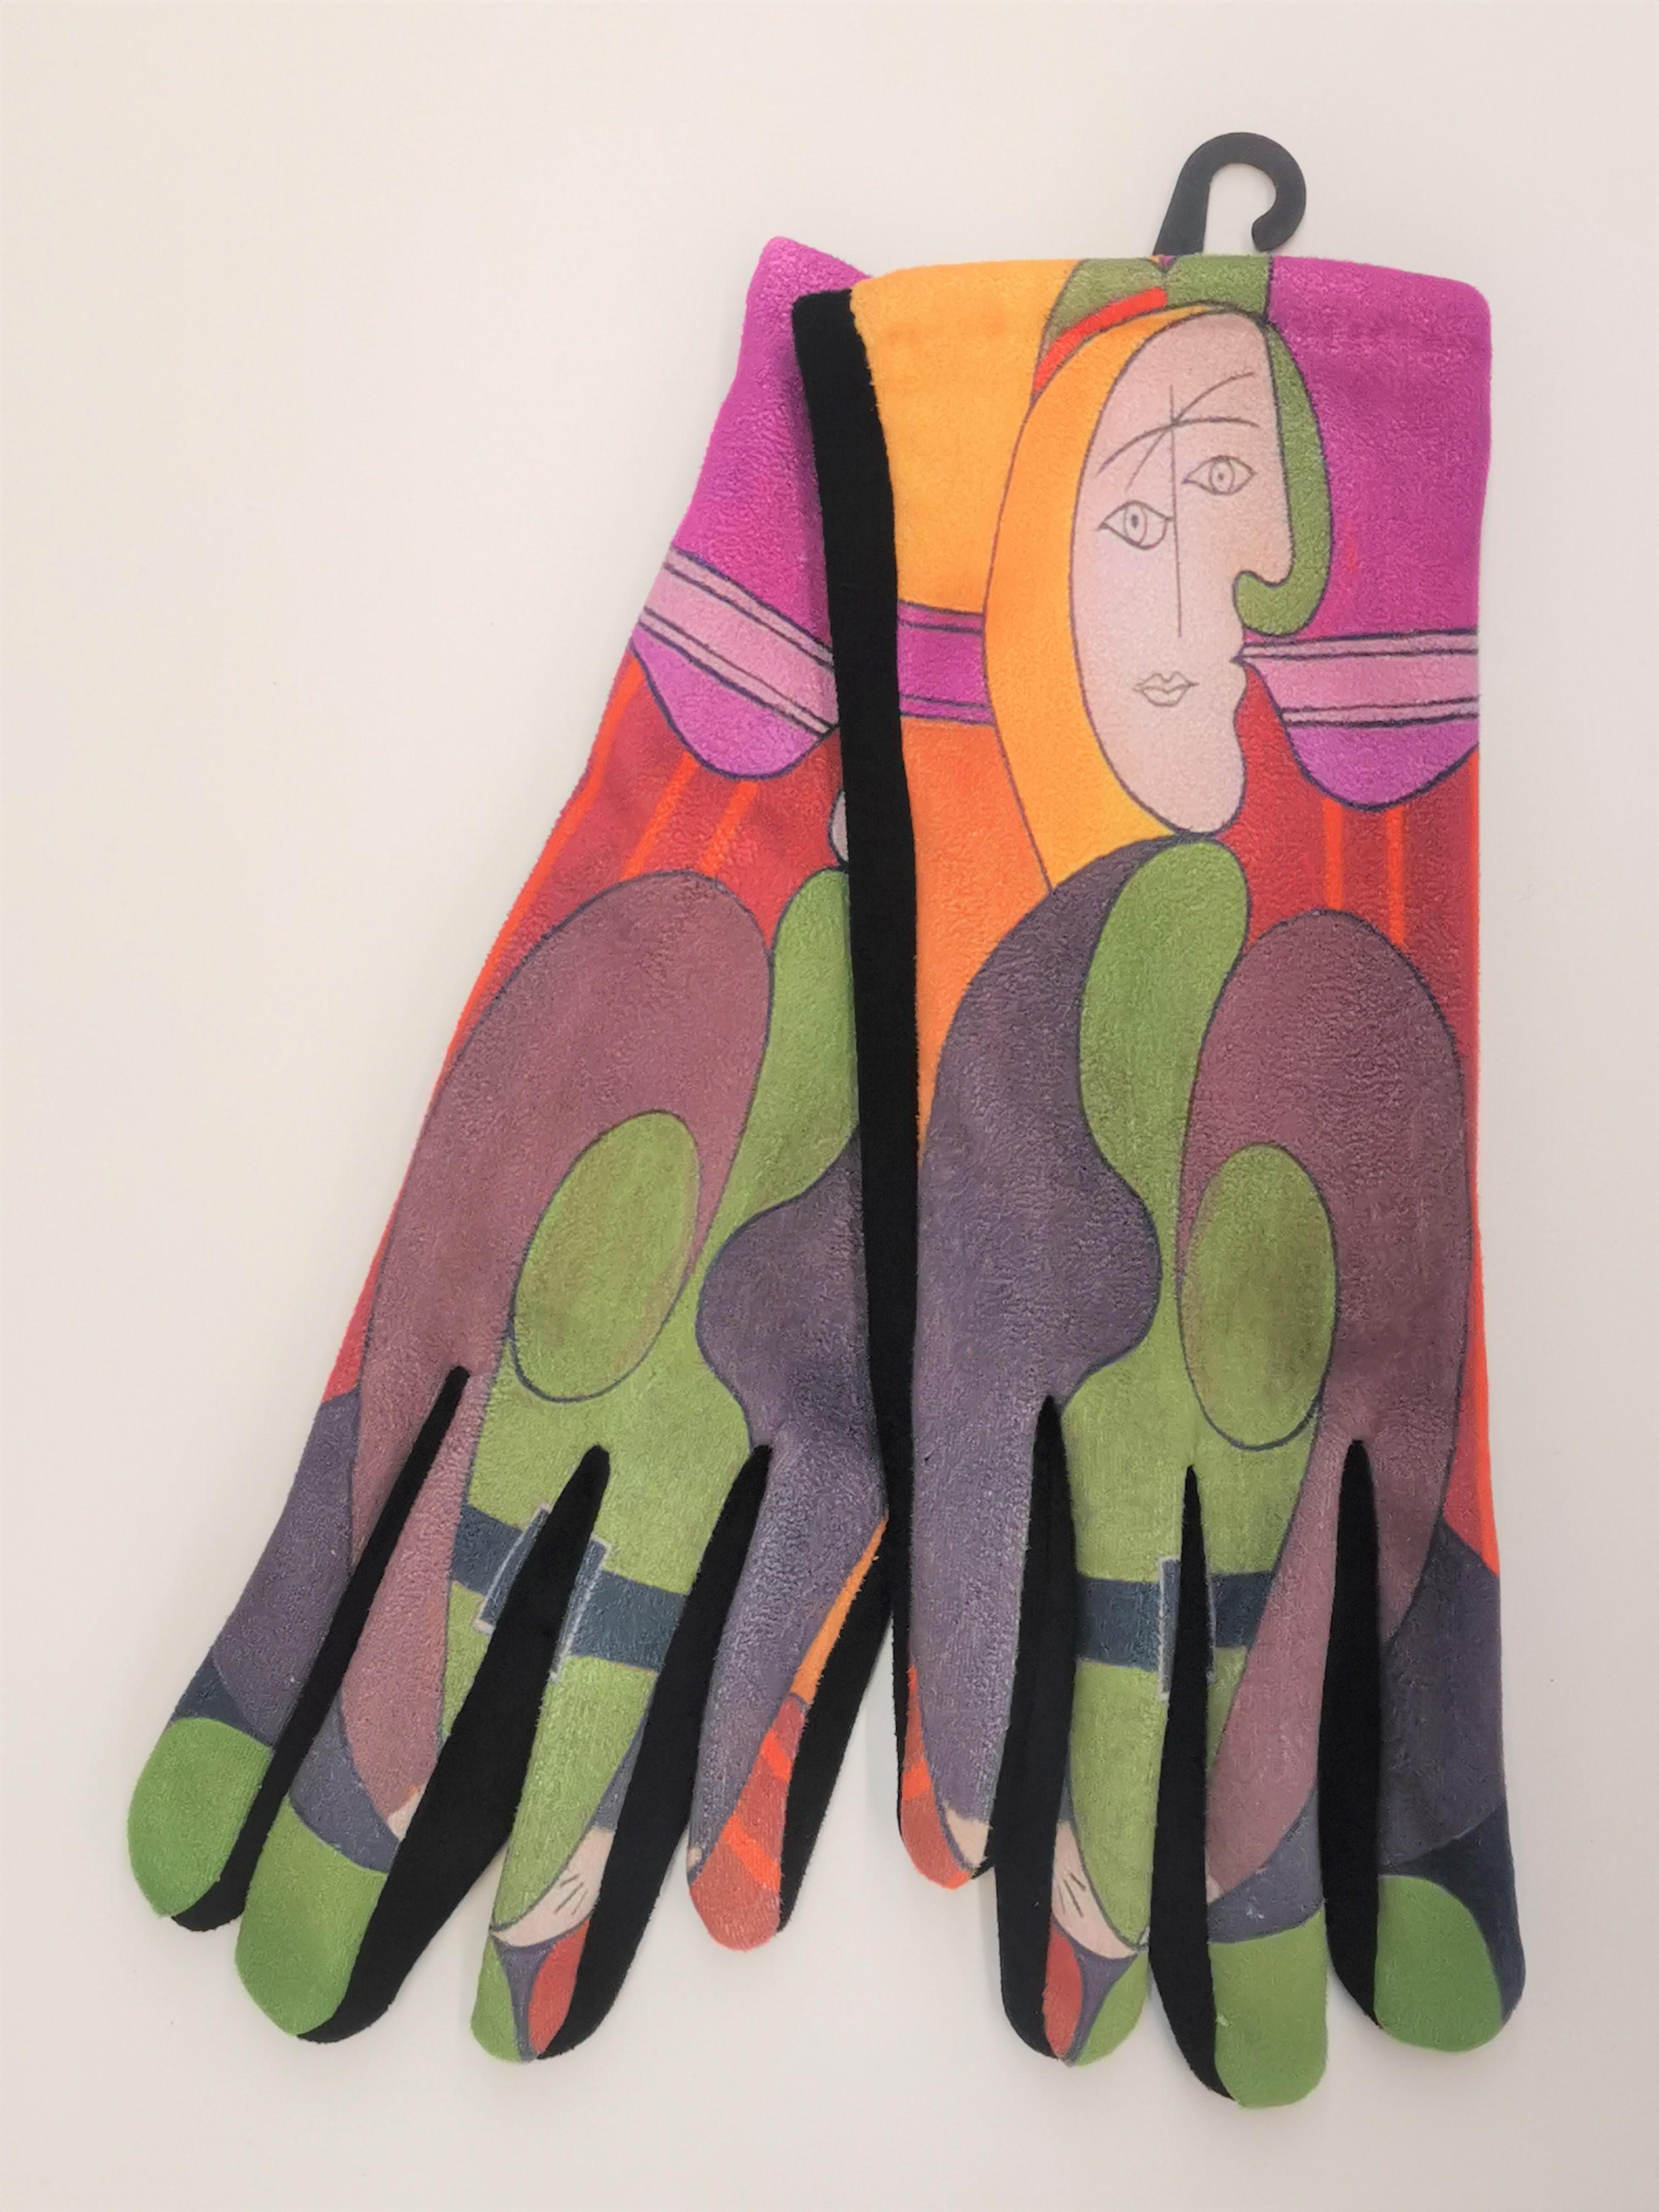 Manusi multicolore pastel touch screen